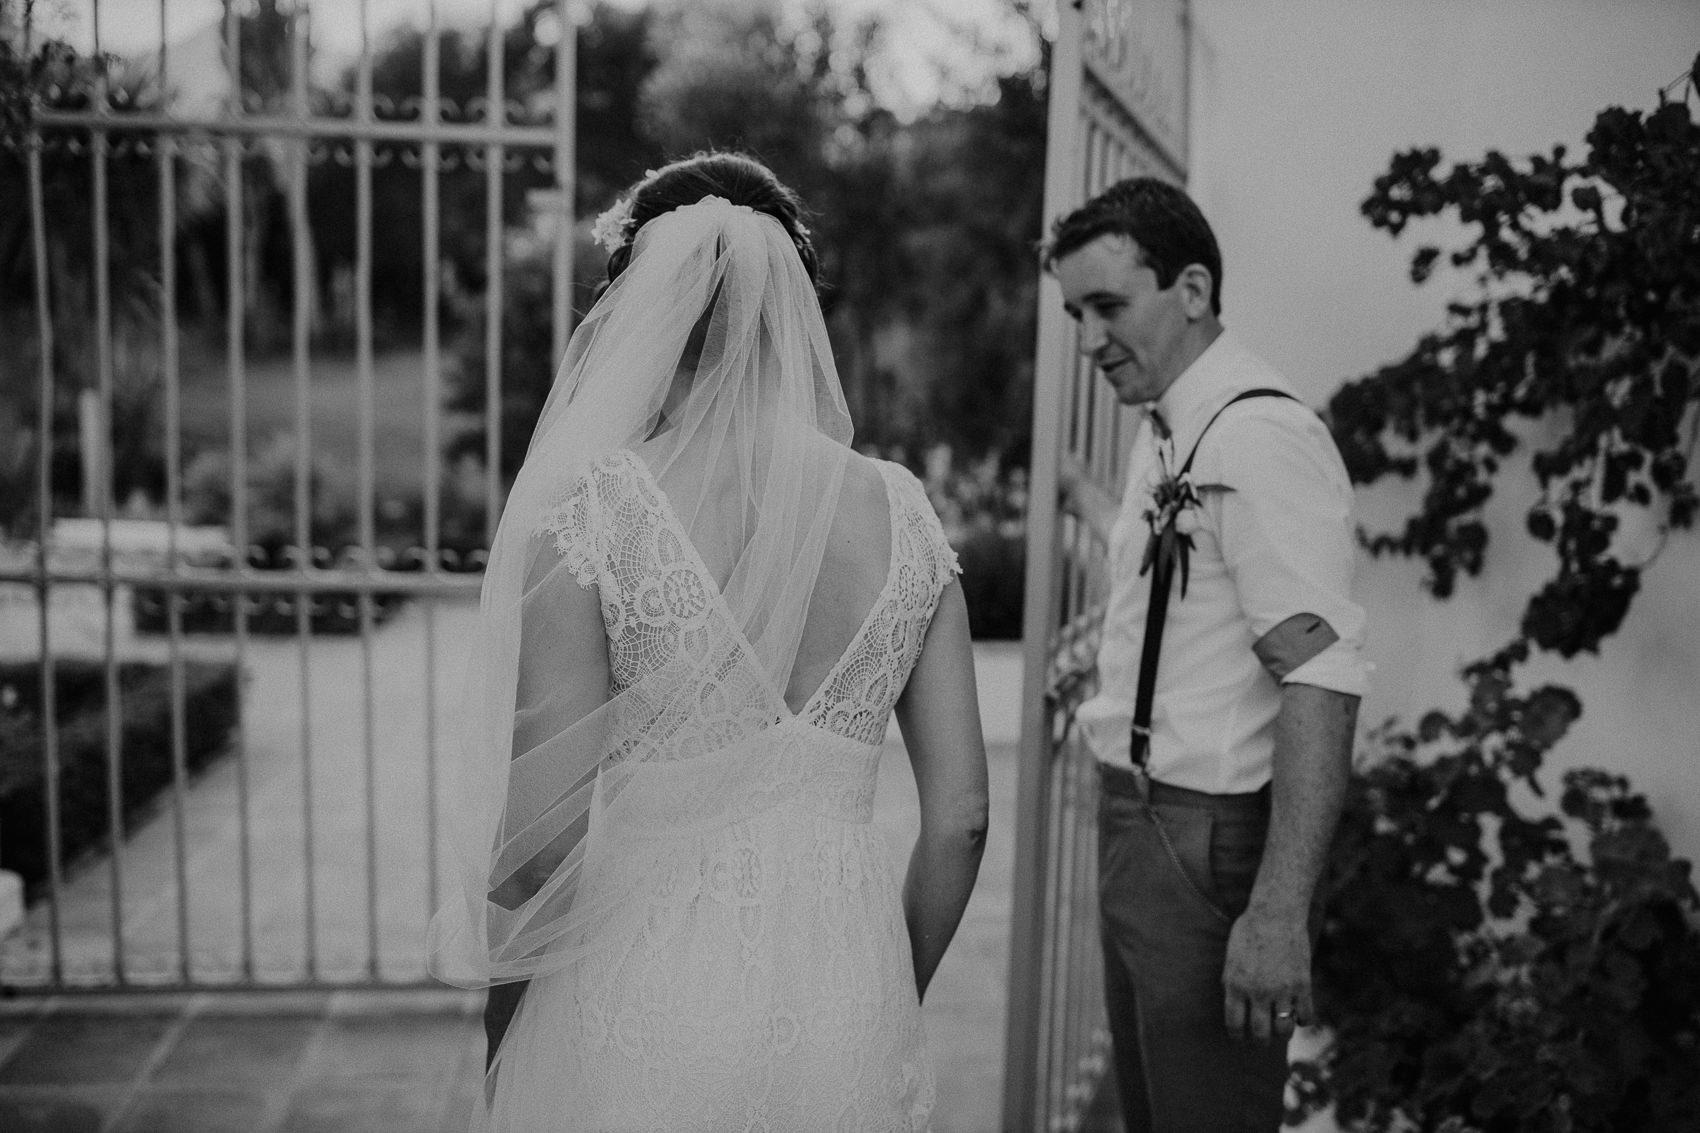 Sarah & Bill | Summer wedding at Cortijo Rosa Blanca | Marbella - Spain 124